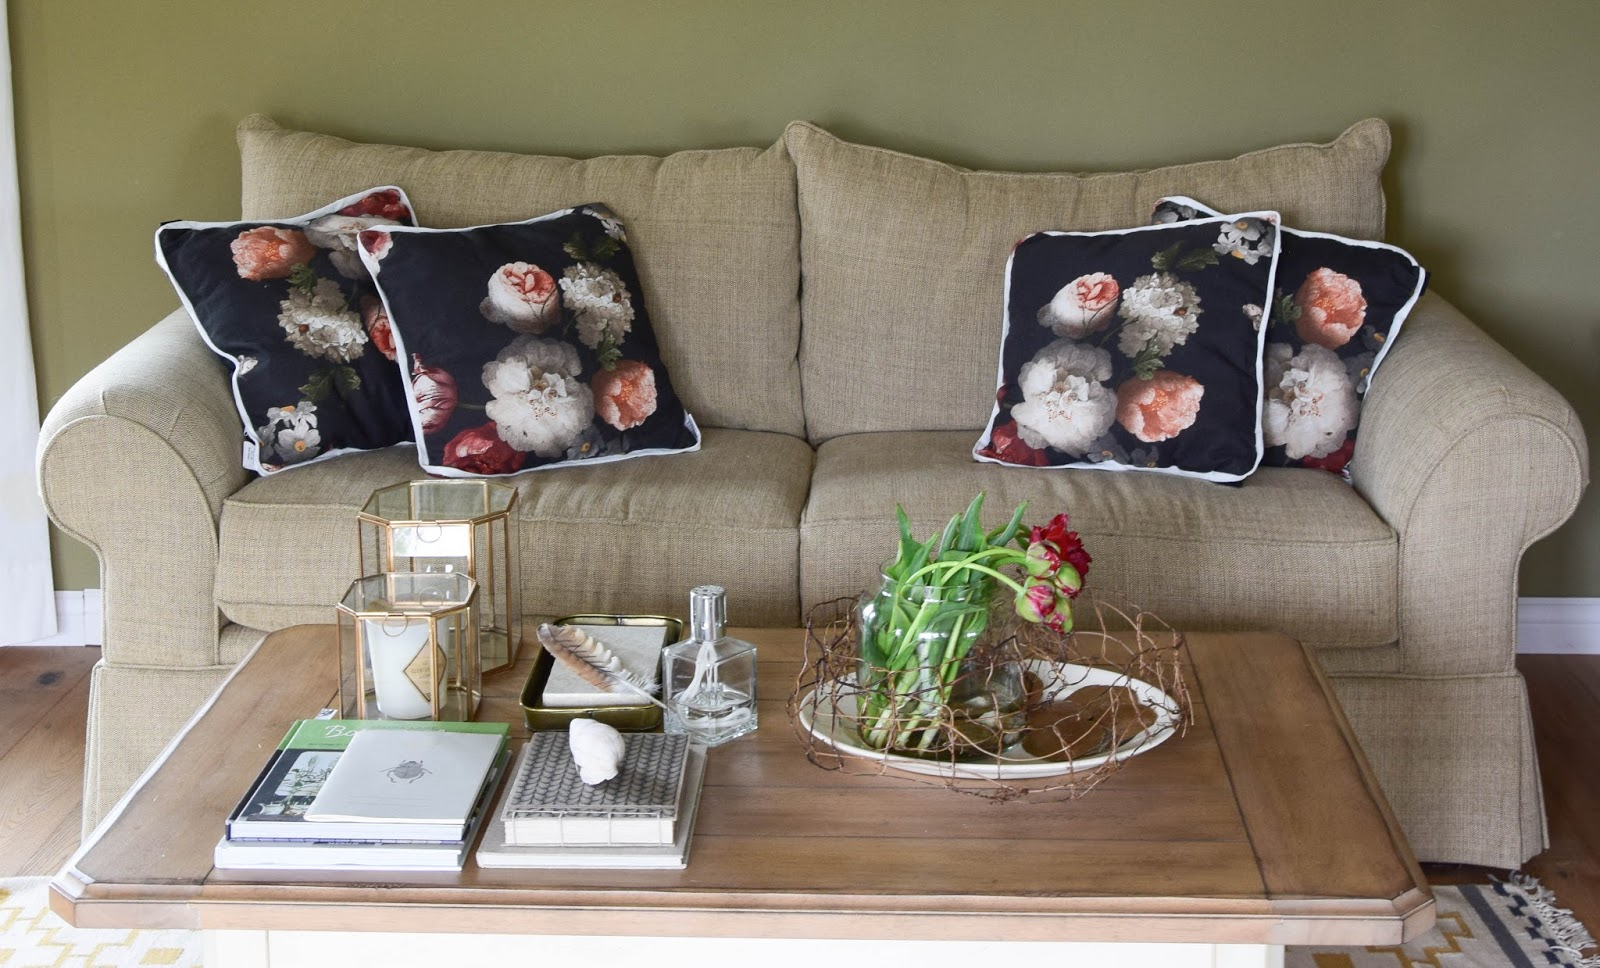 blumen deko wohnzimmer kissen beistelltisch spiegel wohnen dekorieren dekoidee